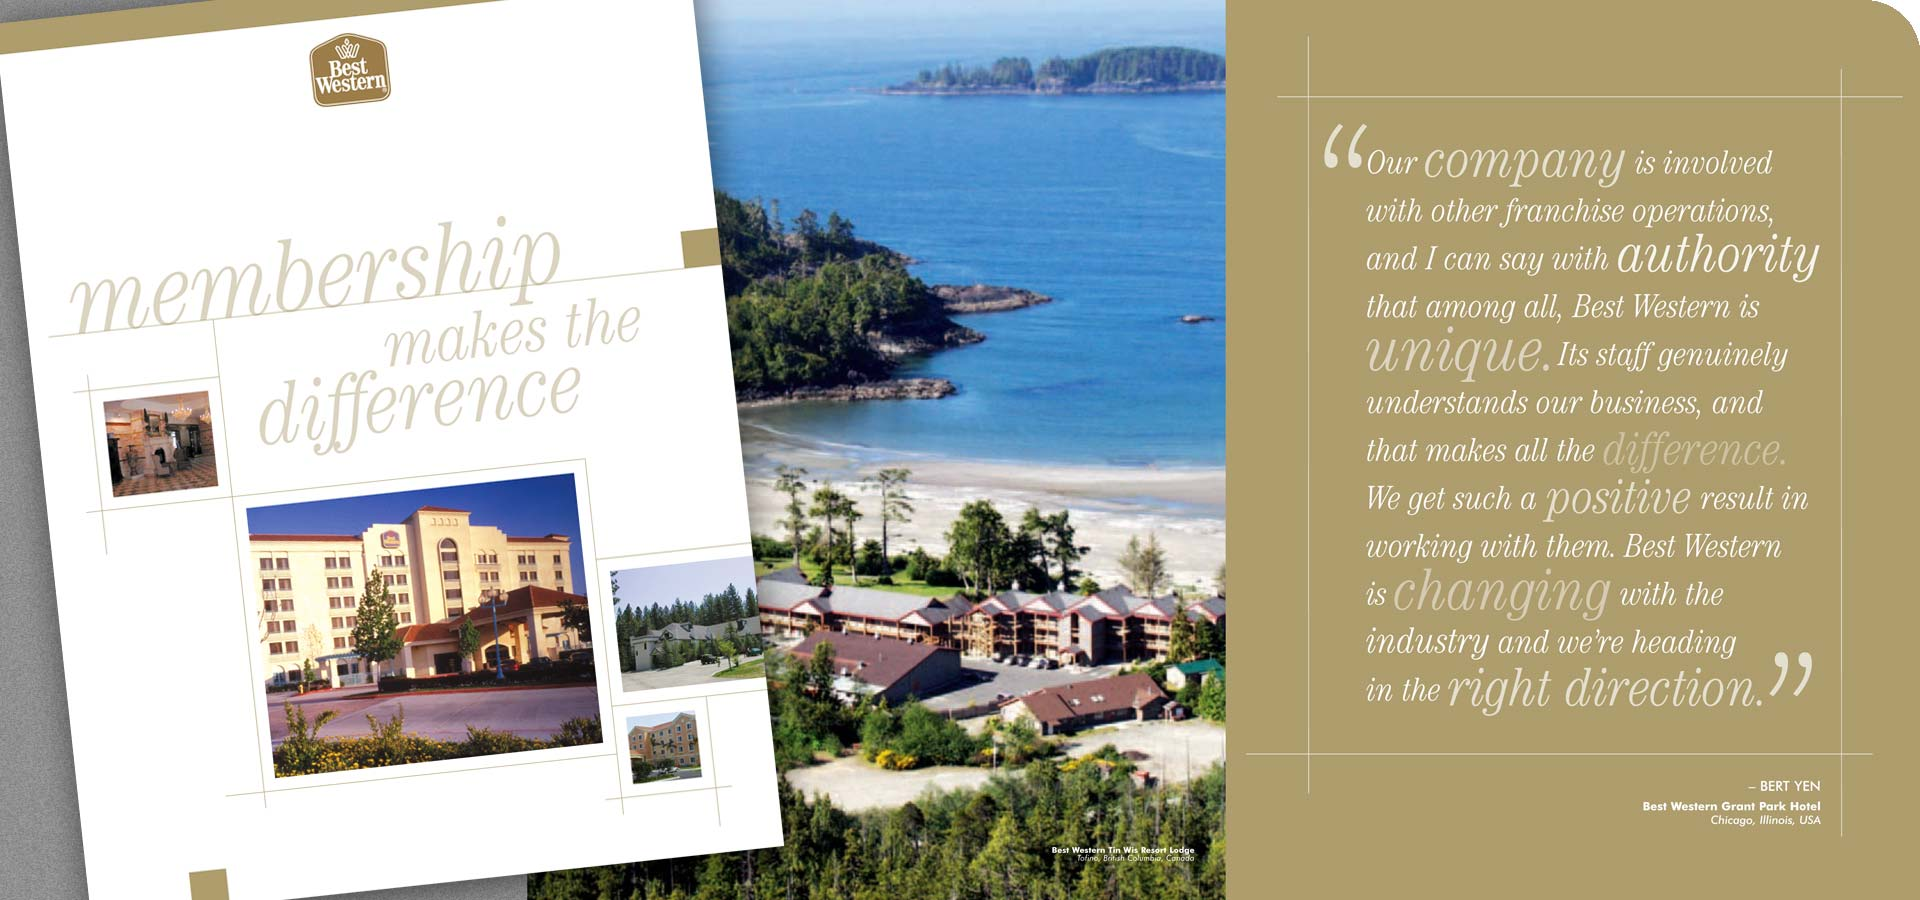 Best Western Membership Benefits Brochure